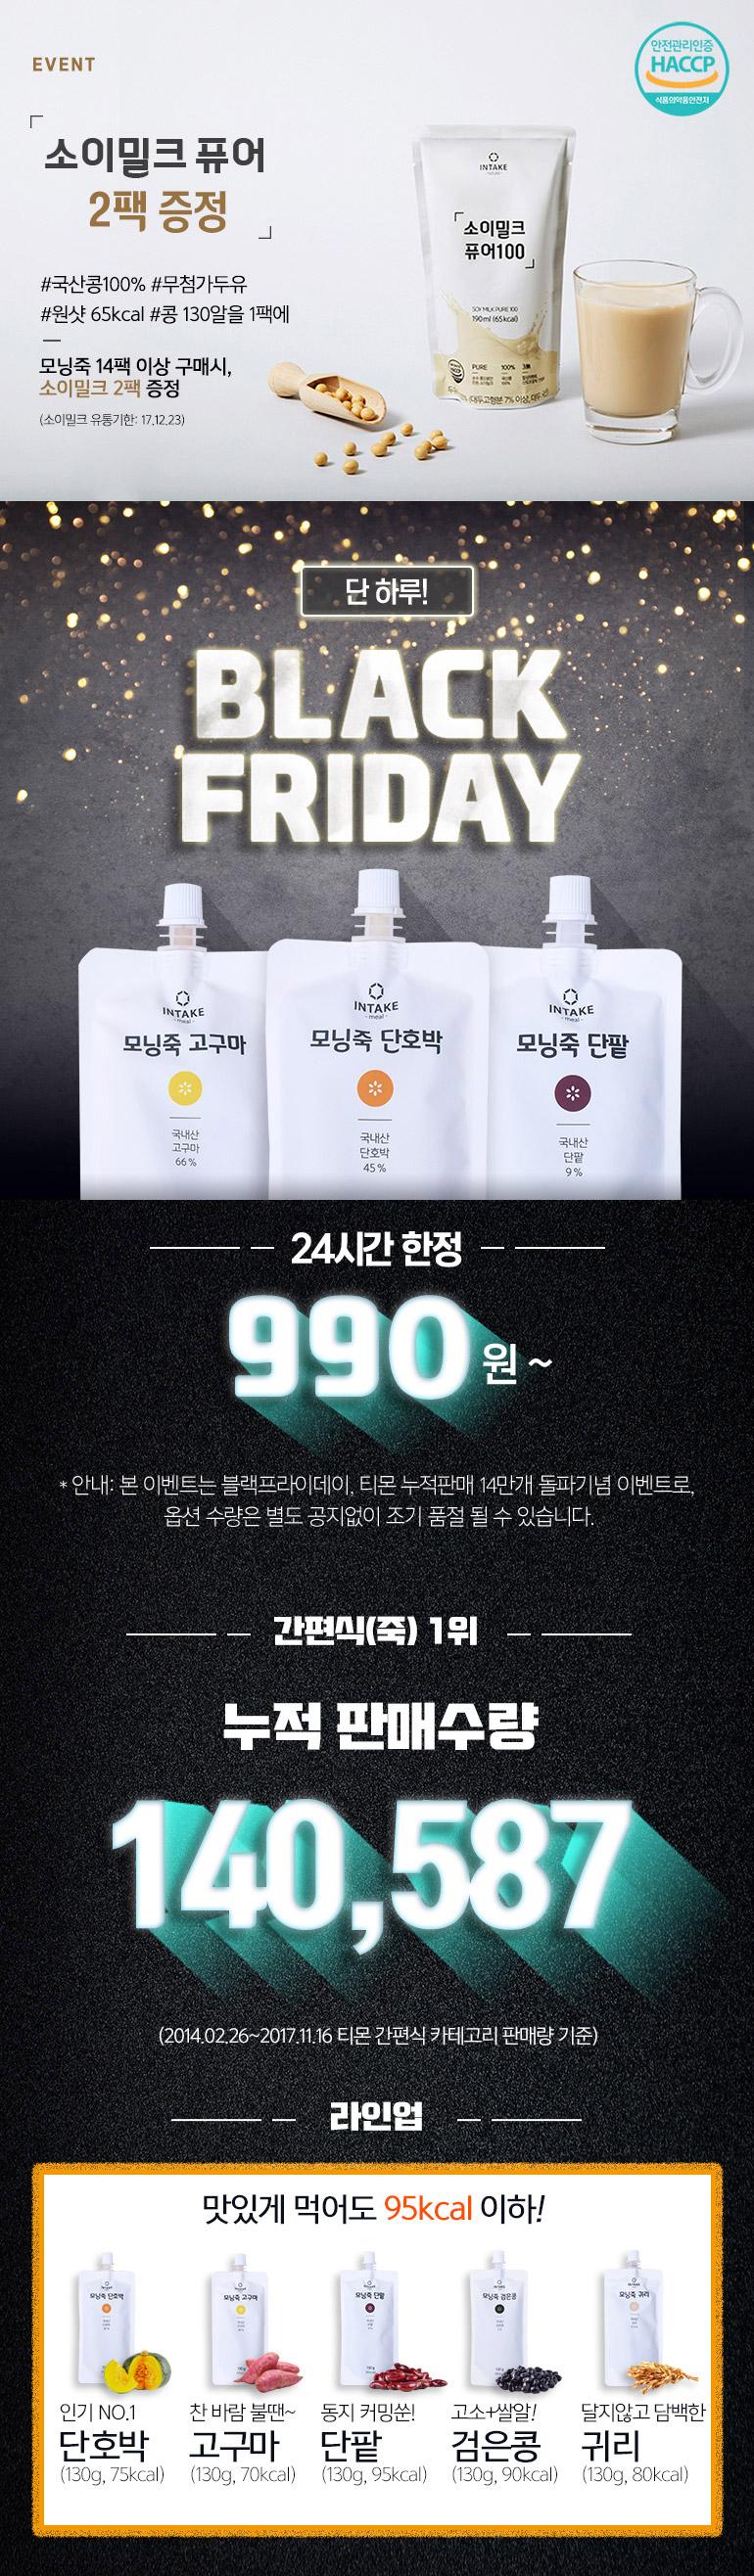 [식품]     [티몬] 단하루세일 인테이크 모닝죽 단호박 130g 1팩 (990/무료)